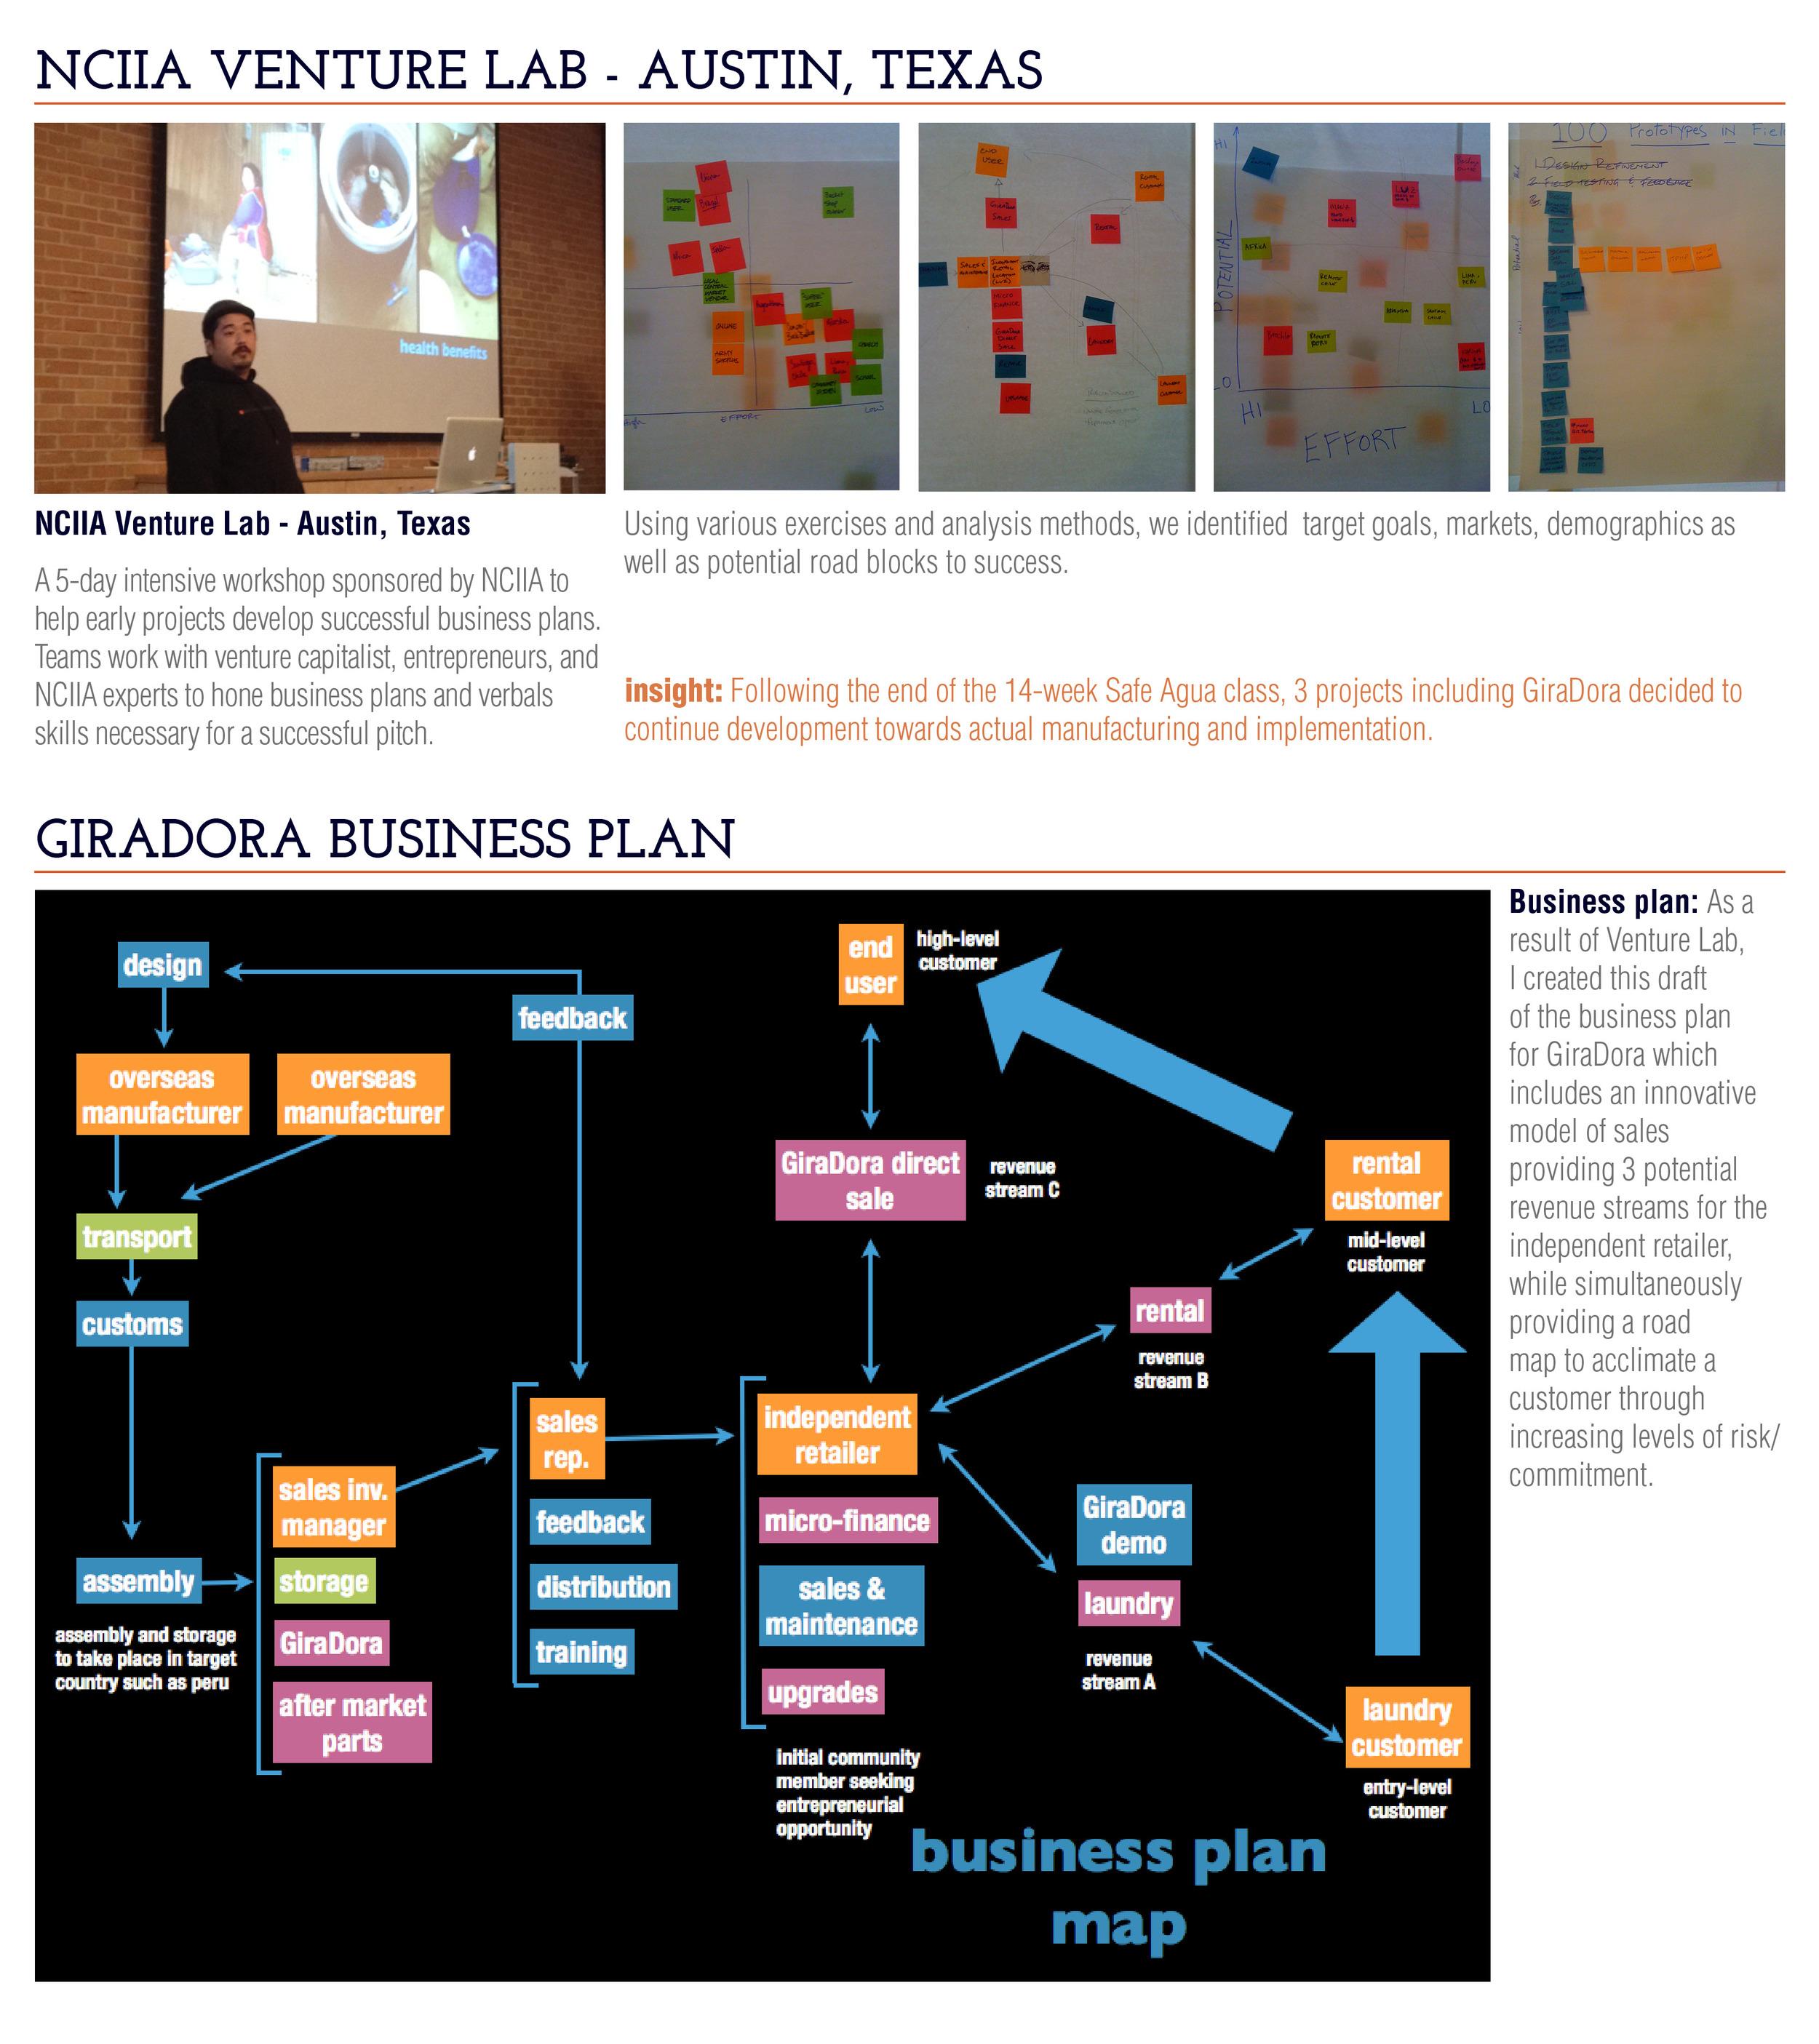 giradora portfolio pages12.jpg